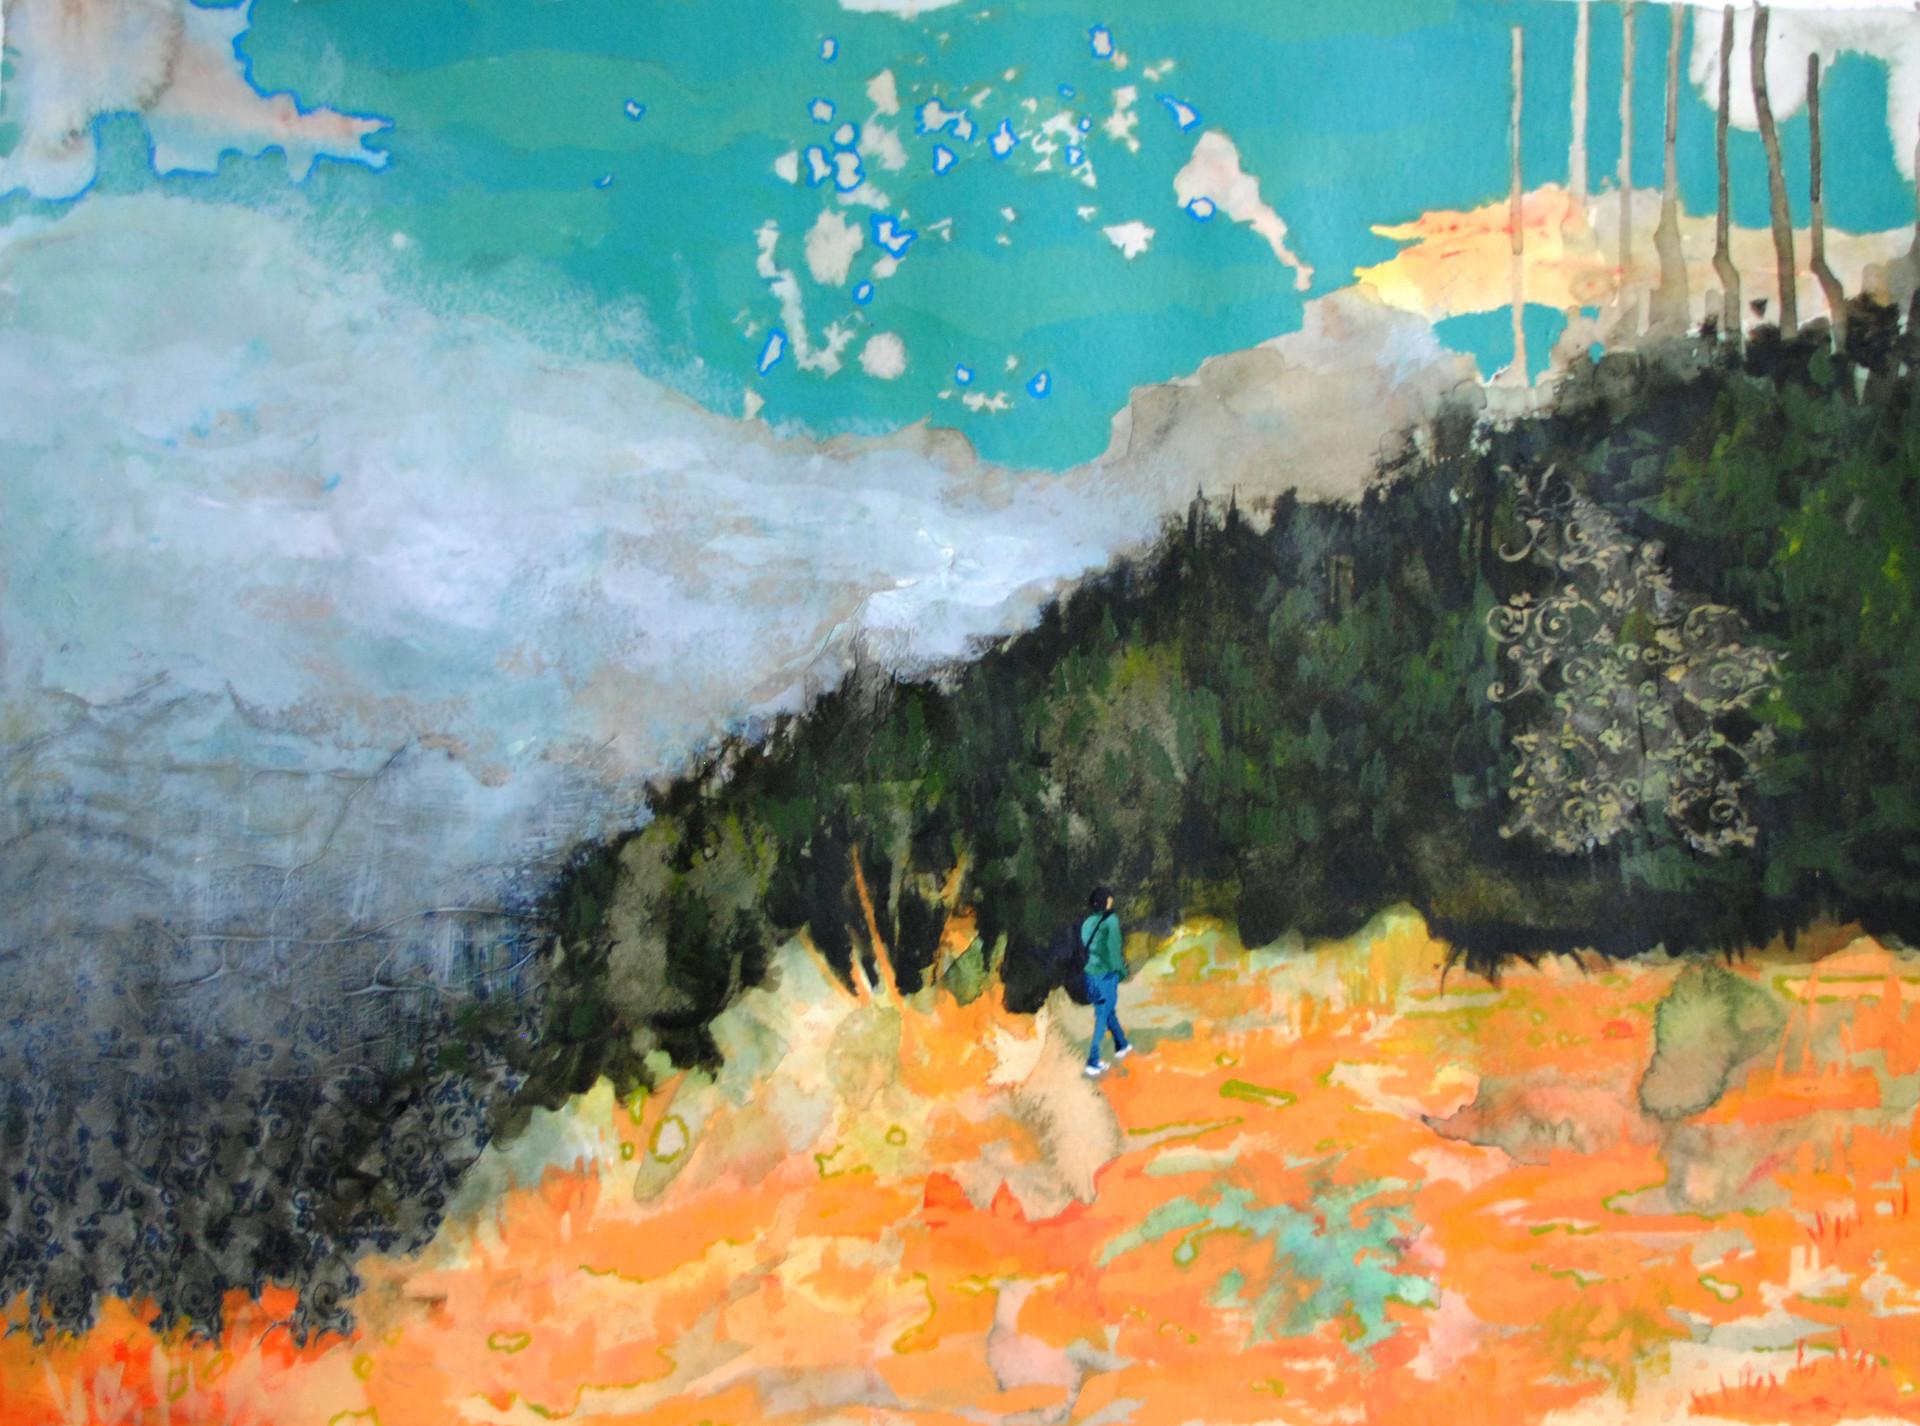 Técnica mixta sobre papel. 45 x 60 cm. 2013